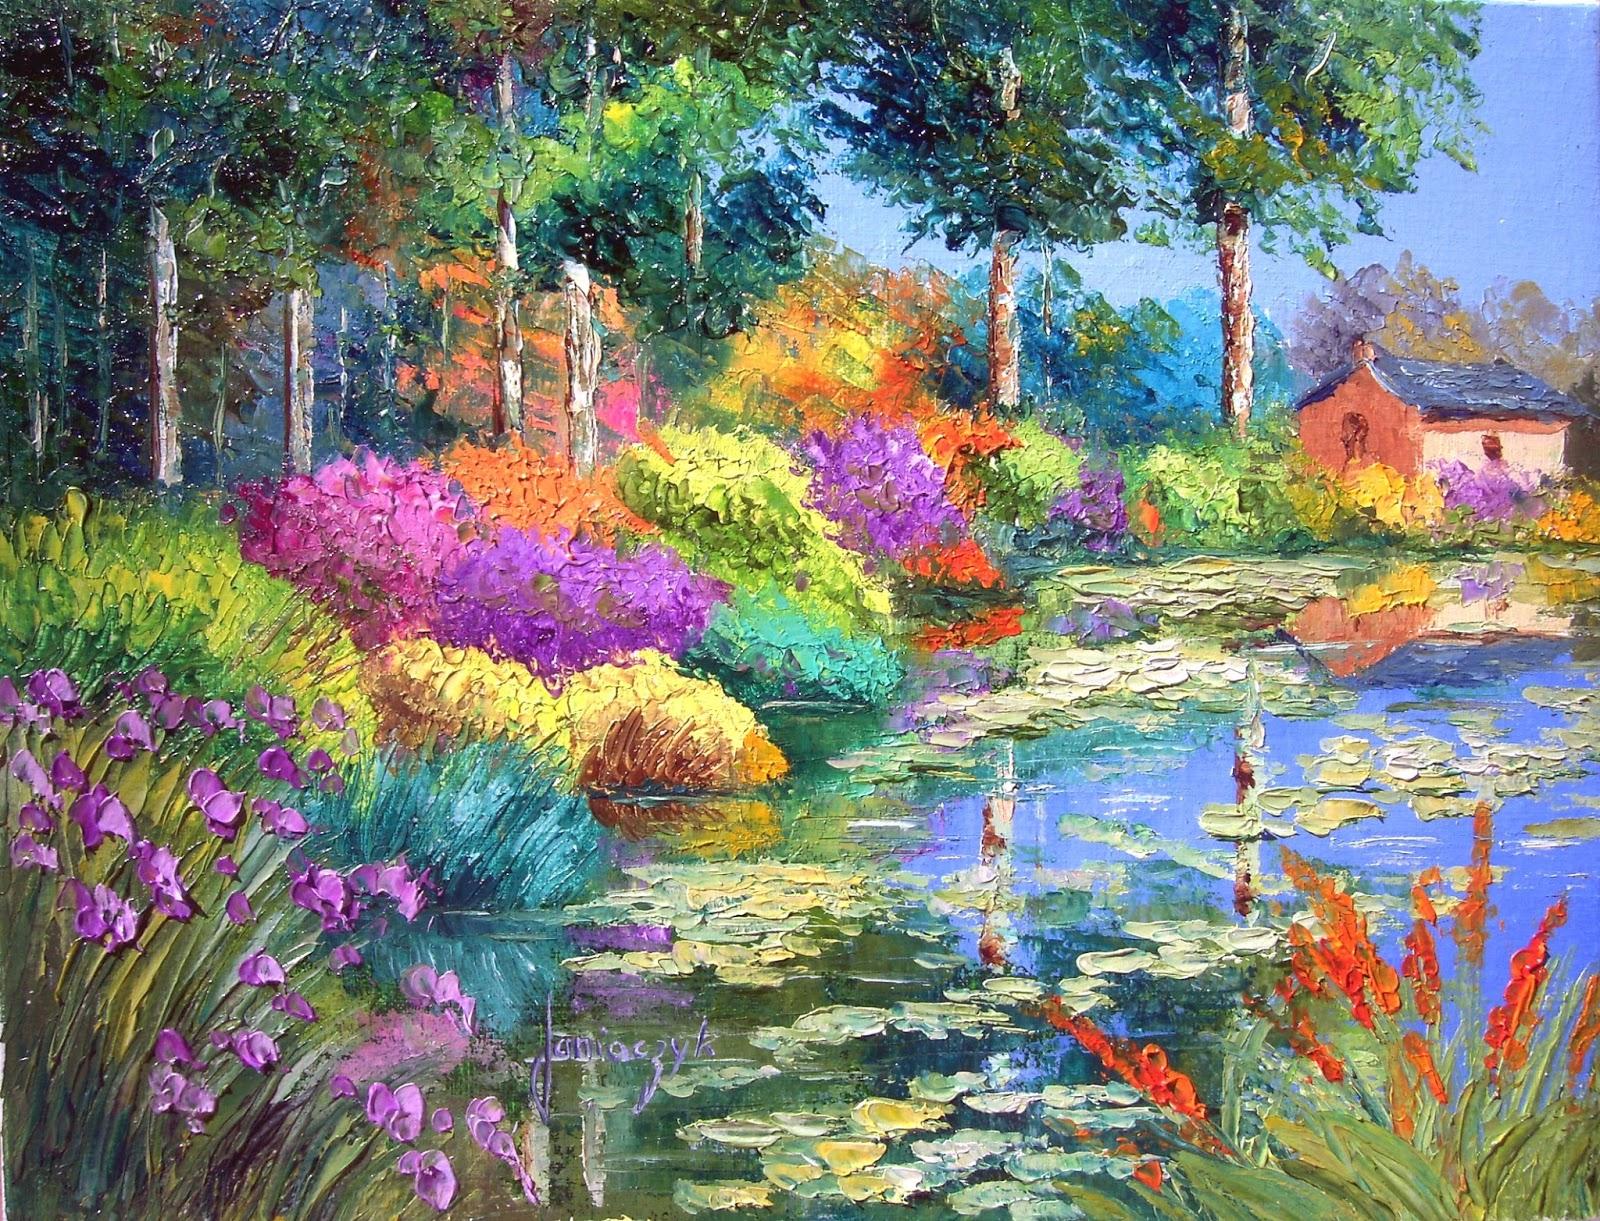 Flores da Lagoa - Cores alegres e vibrantes nas paisagens de Jean-Marc